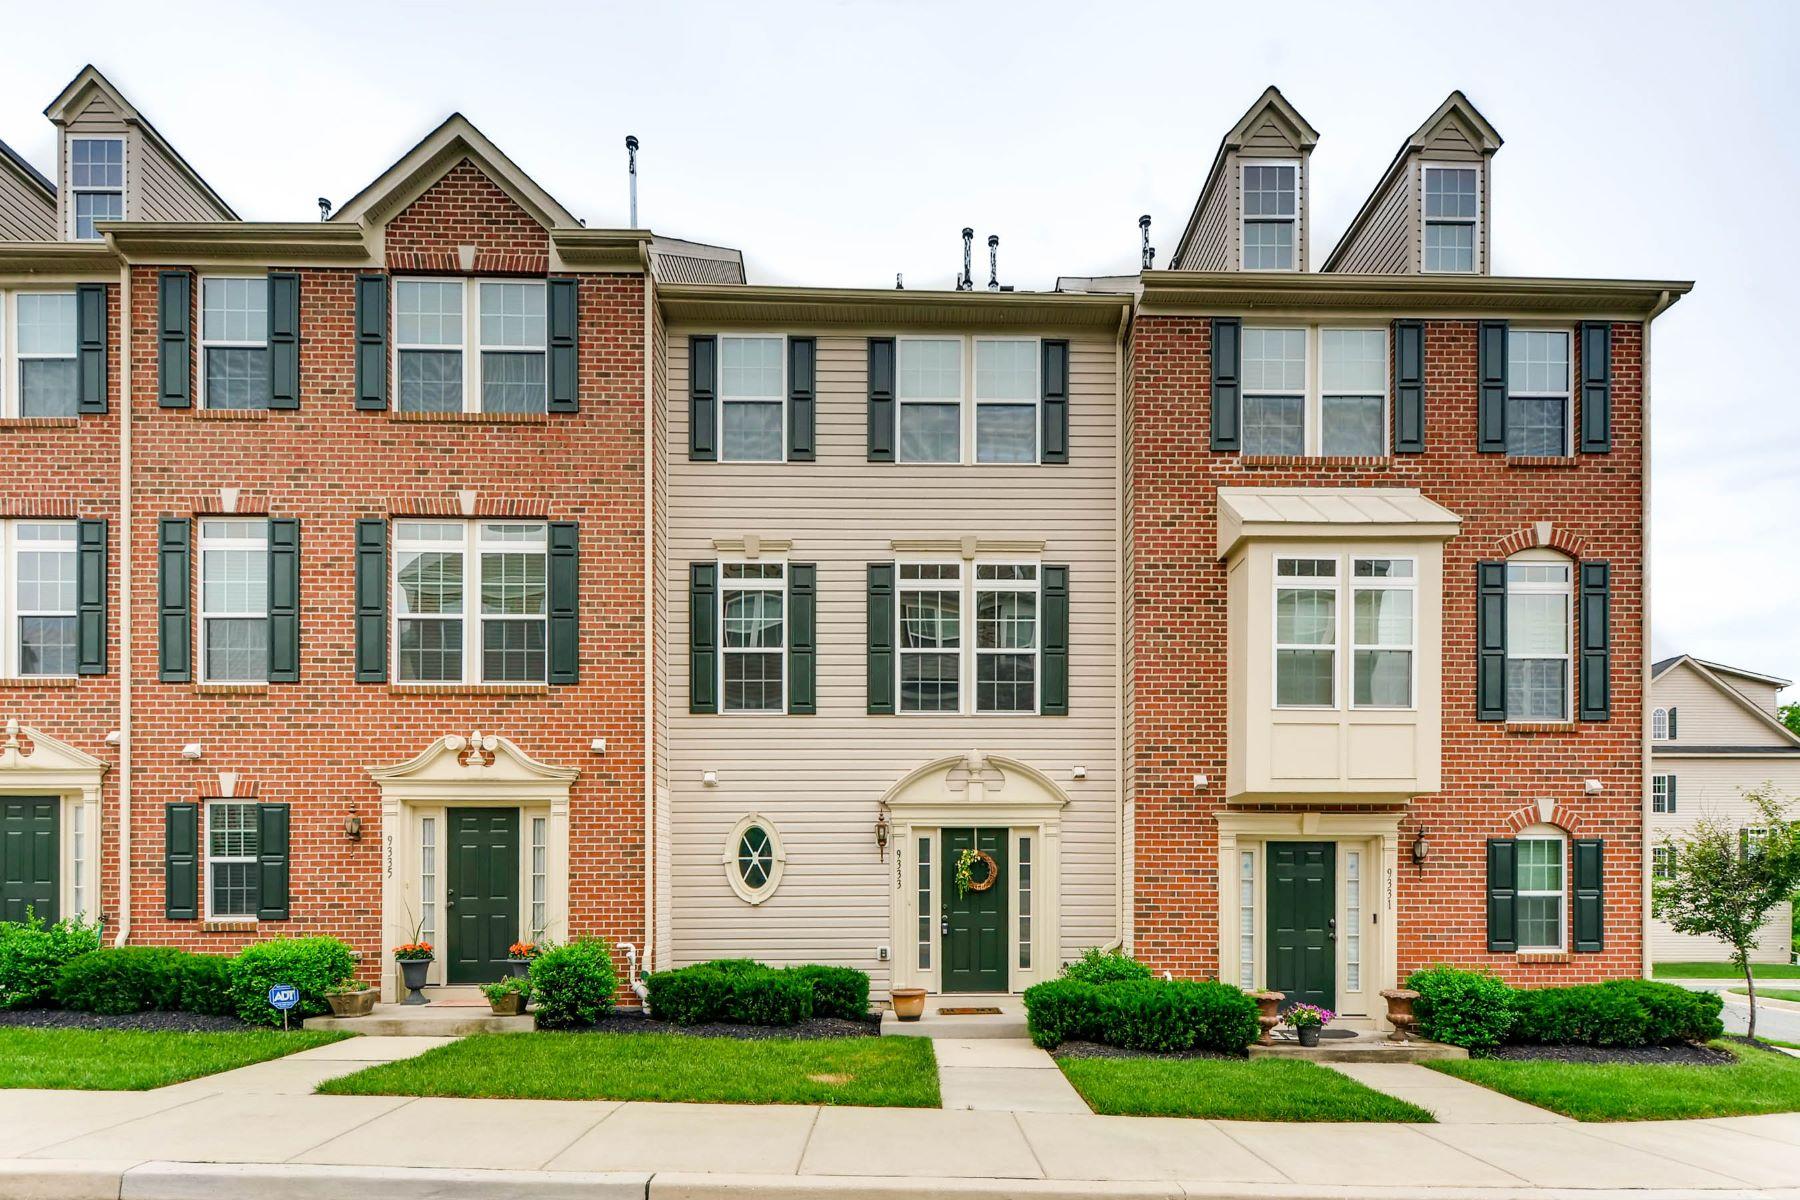 Σπίτι στην πόλη για την Πώληση στο Red Run Villas III 9333 Paragon Way Owings Mills, Μεριλαντ 21117 Ηνωμενεσ Πολιτειεσ